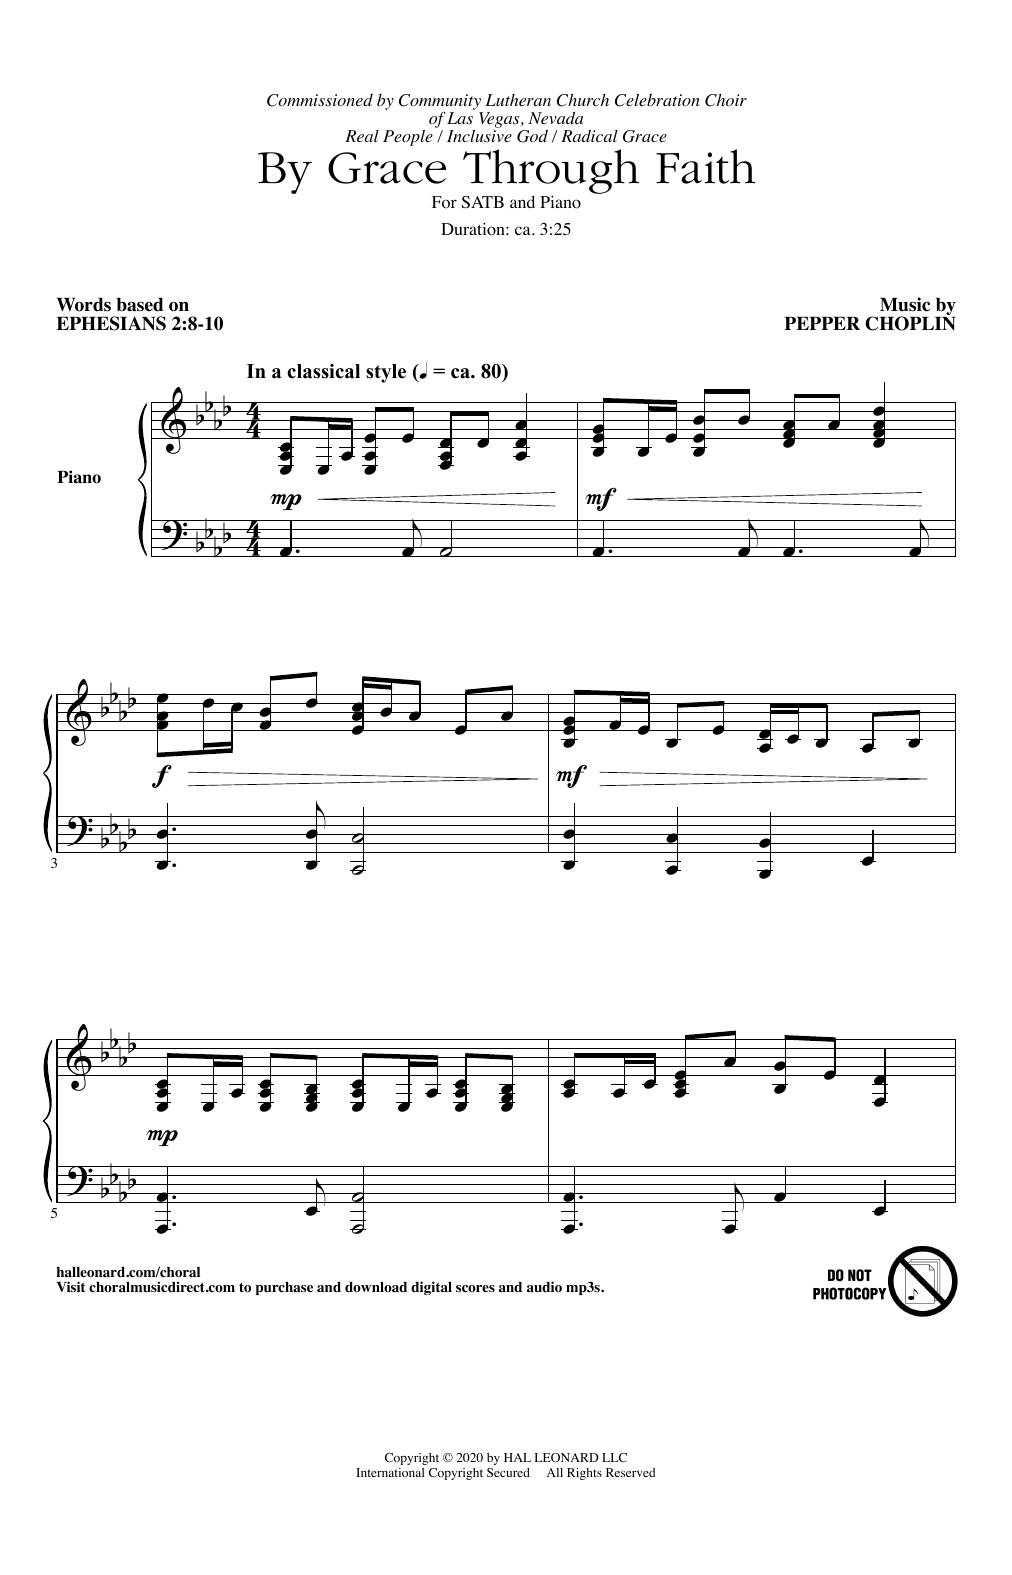 By Grace Through Faith (SATB Choir)